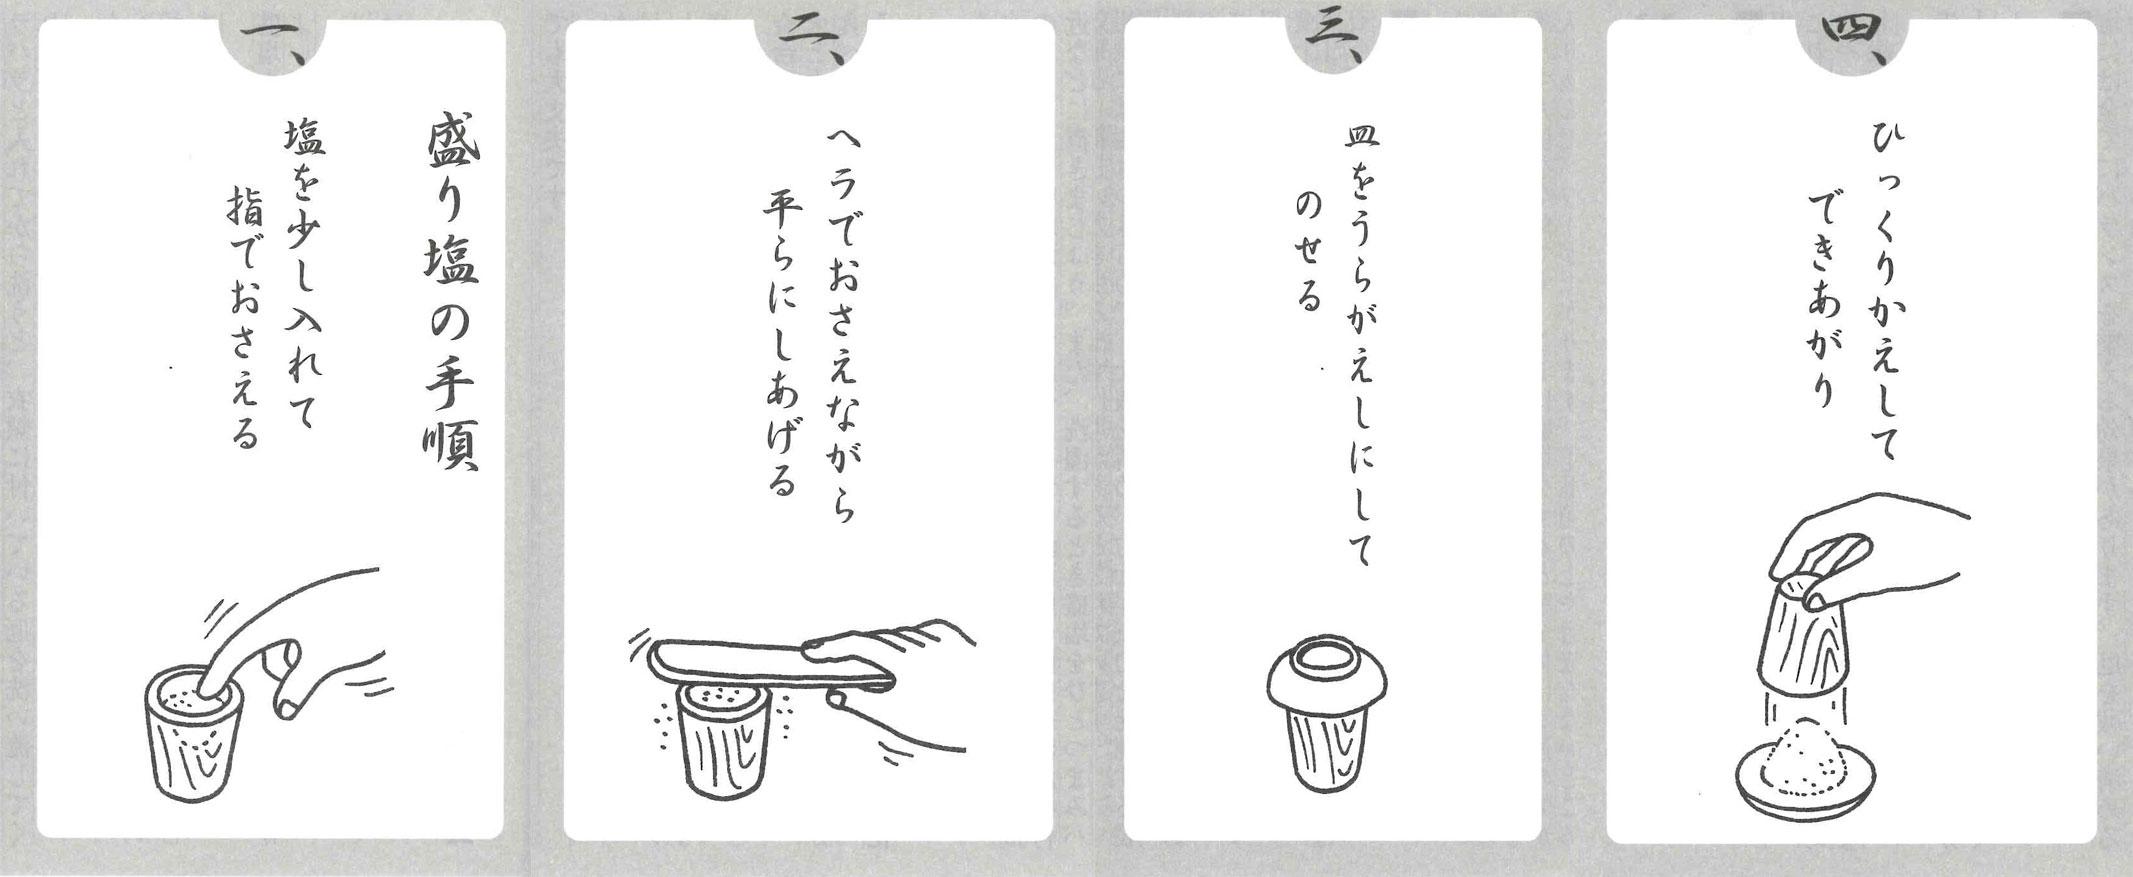 盛り塩の作り方 説明書